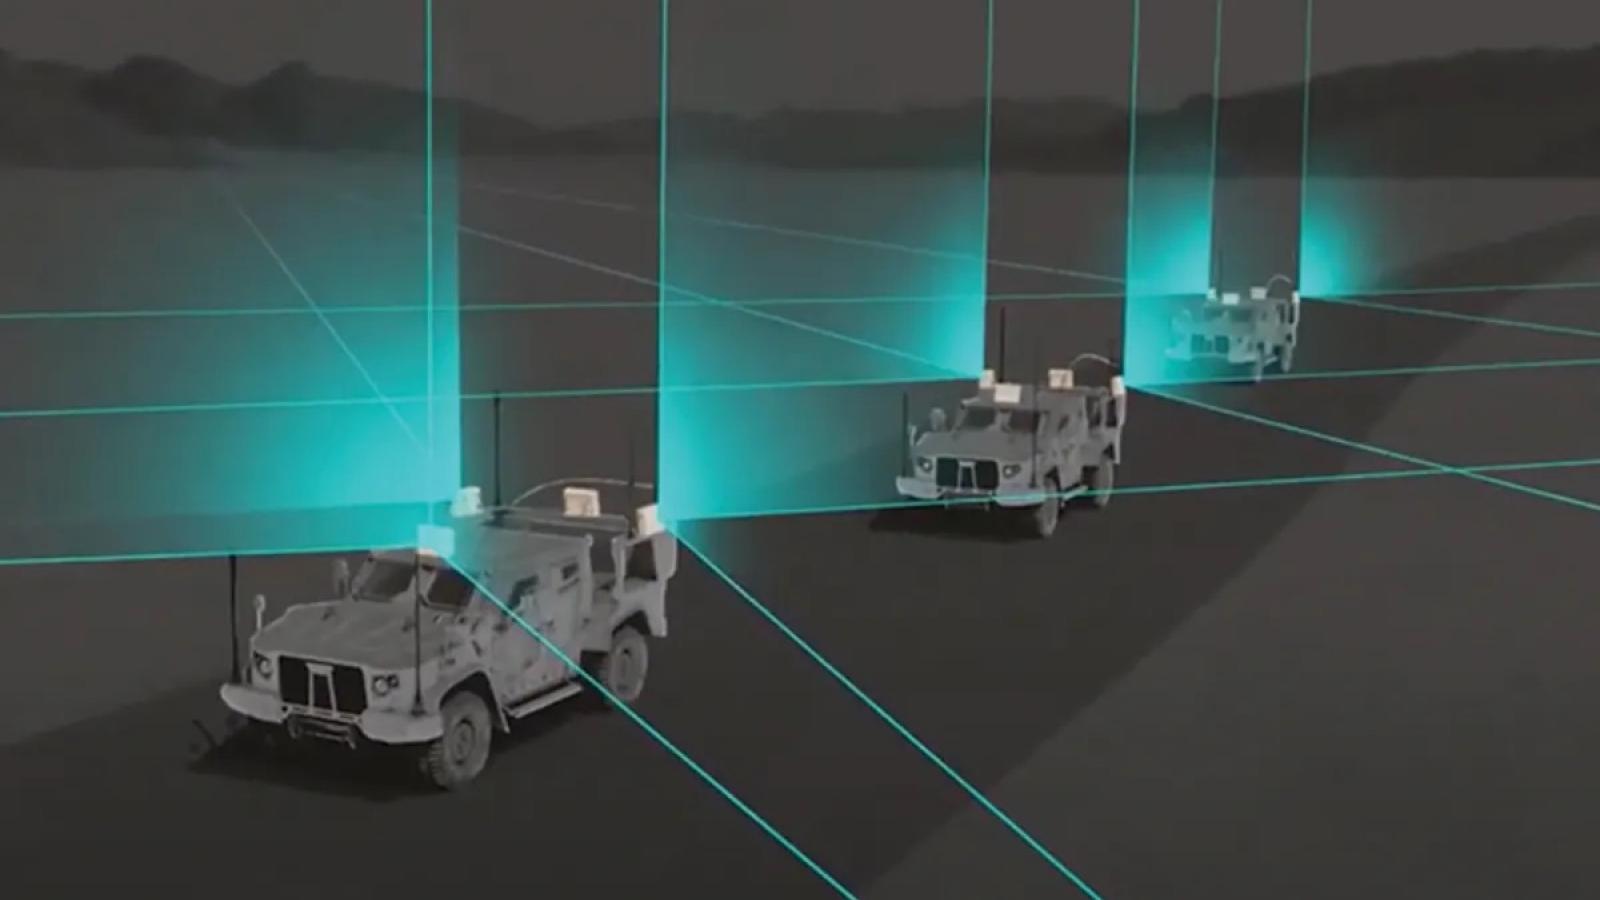 Giải pháp radar 3D của Mỹ để trị các UAV sát thủ bầy đàn của Trung Quốc